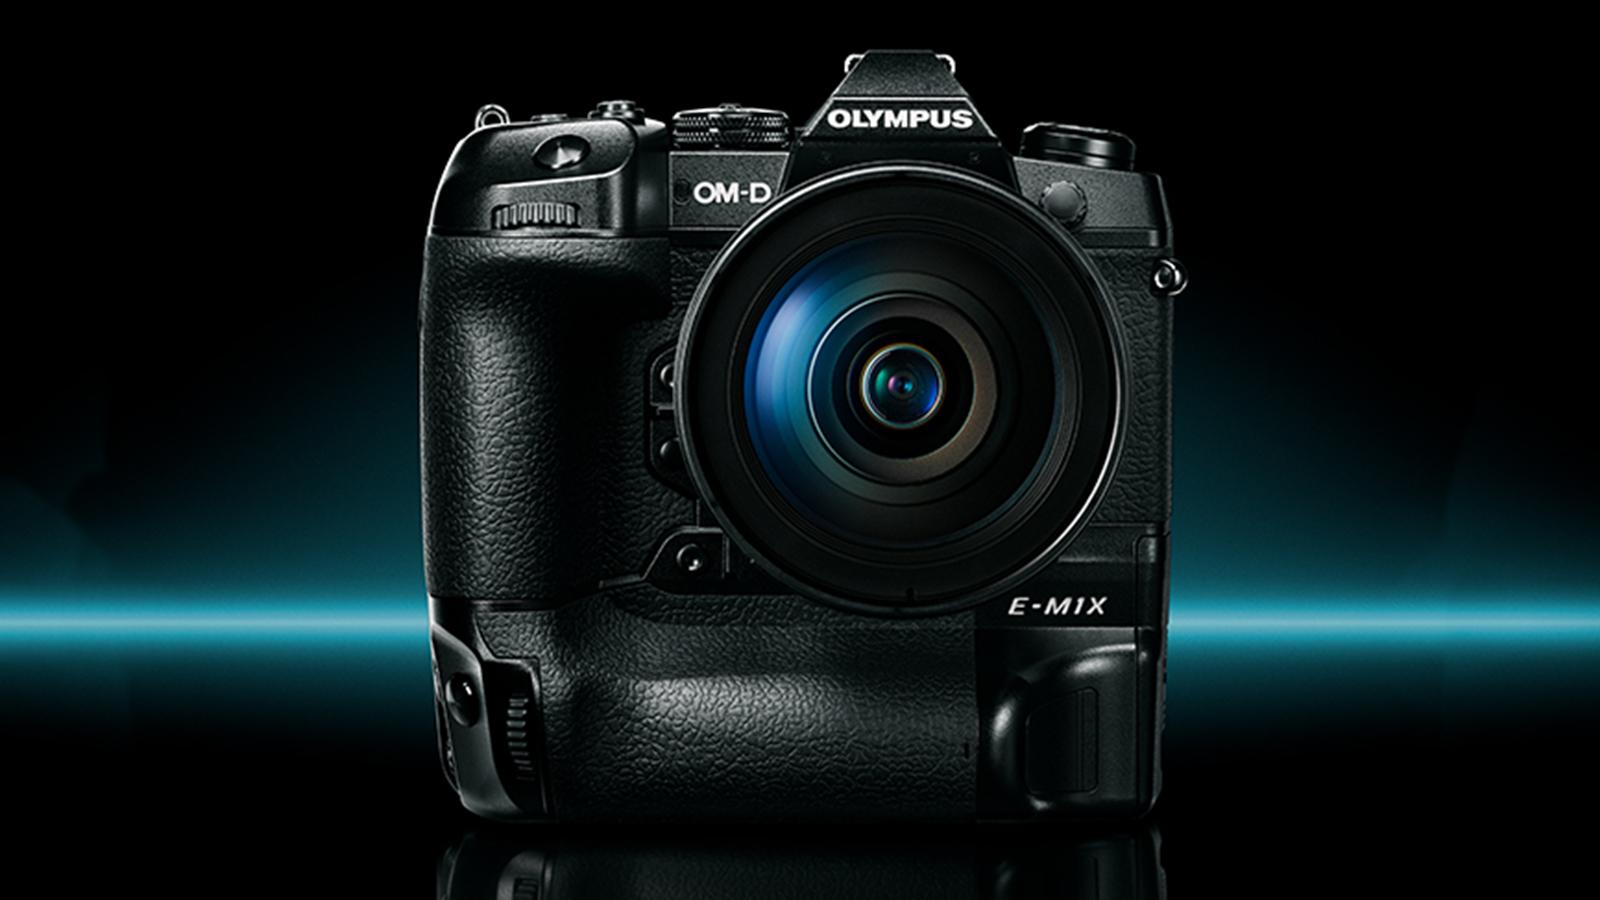 Olympus-EM1X-1-353d08ffd556b4c1-3